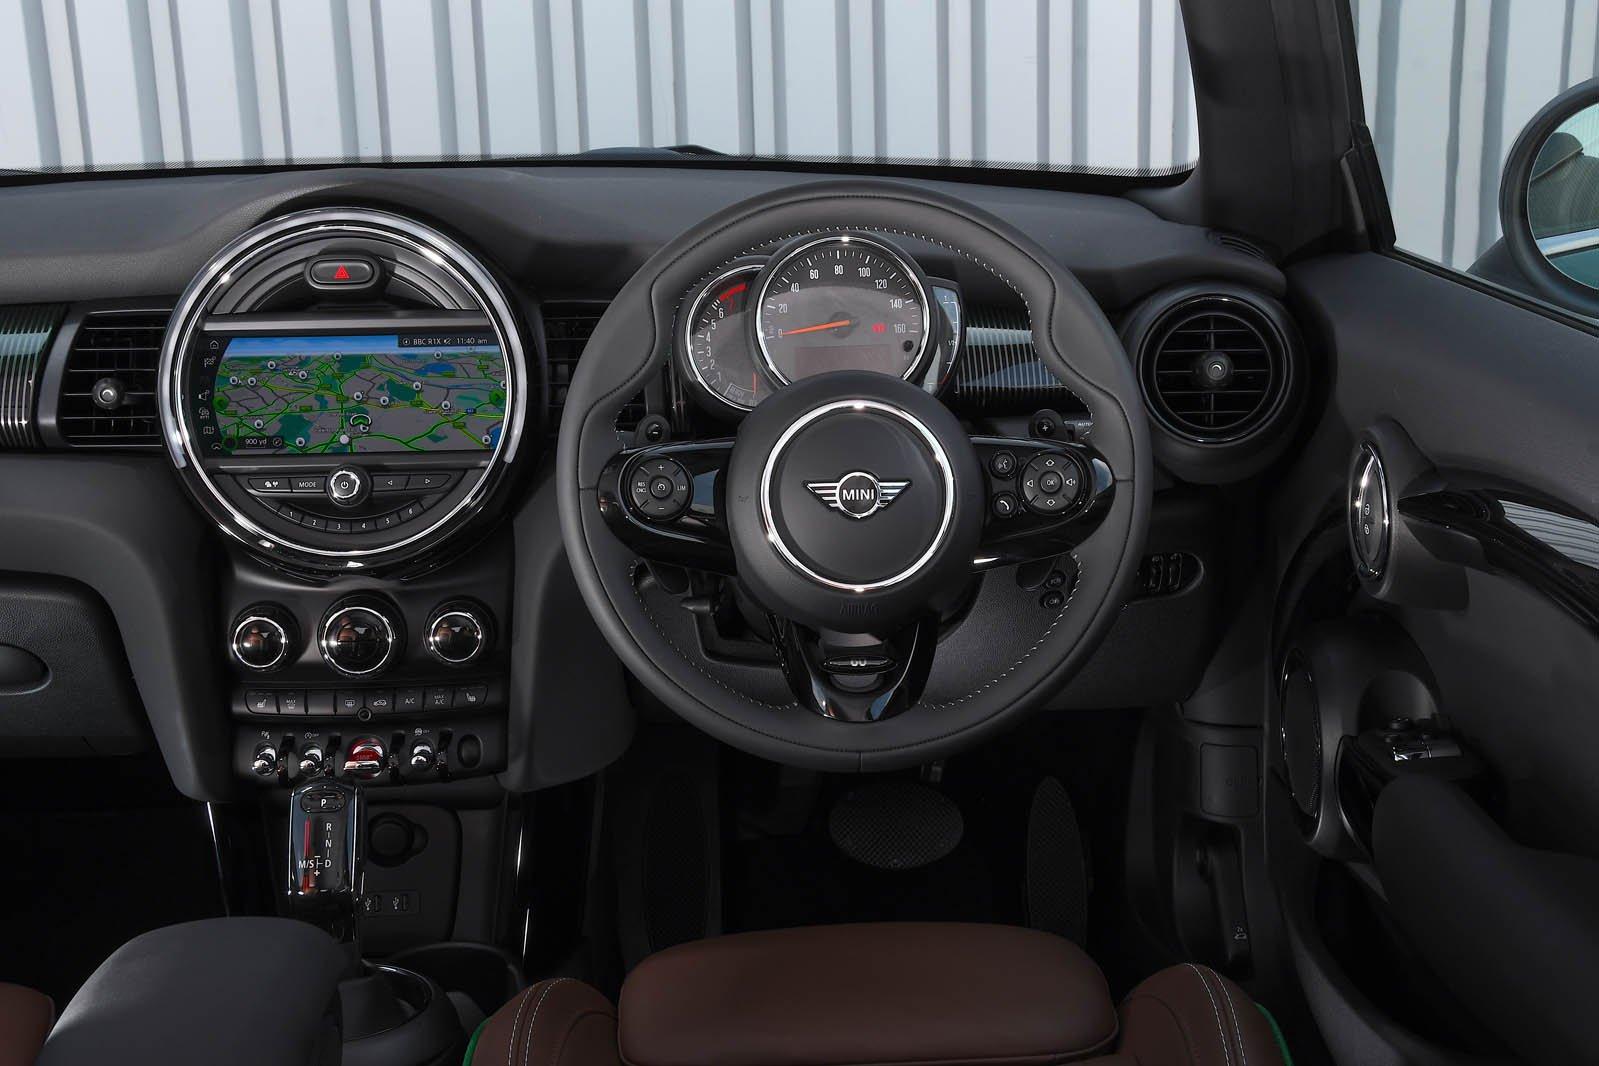 Mini Cooper S 60 Year Edition interior